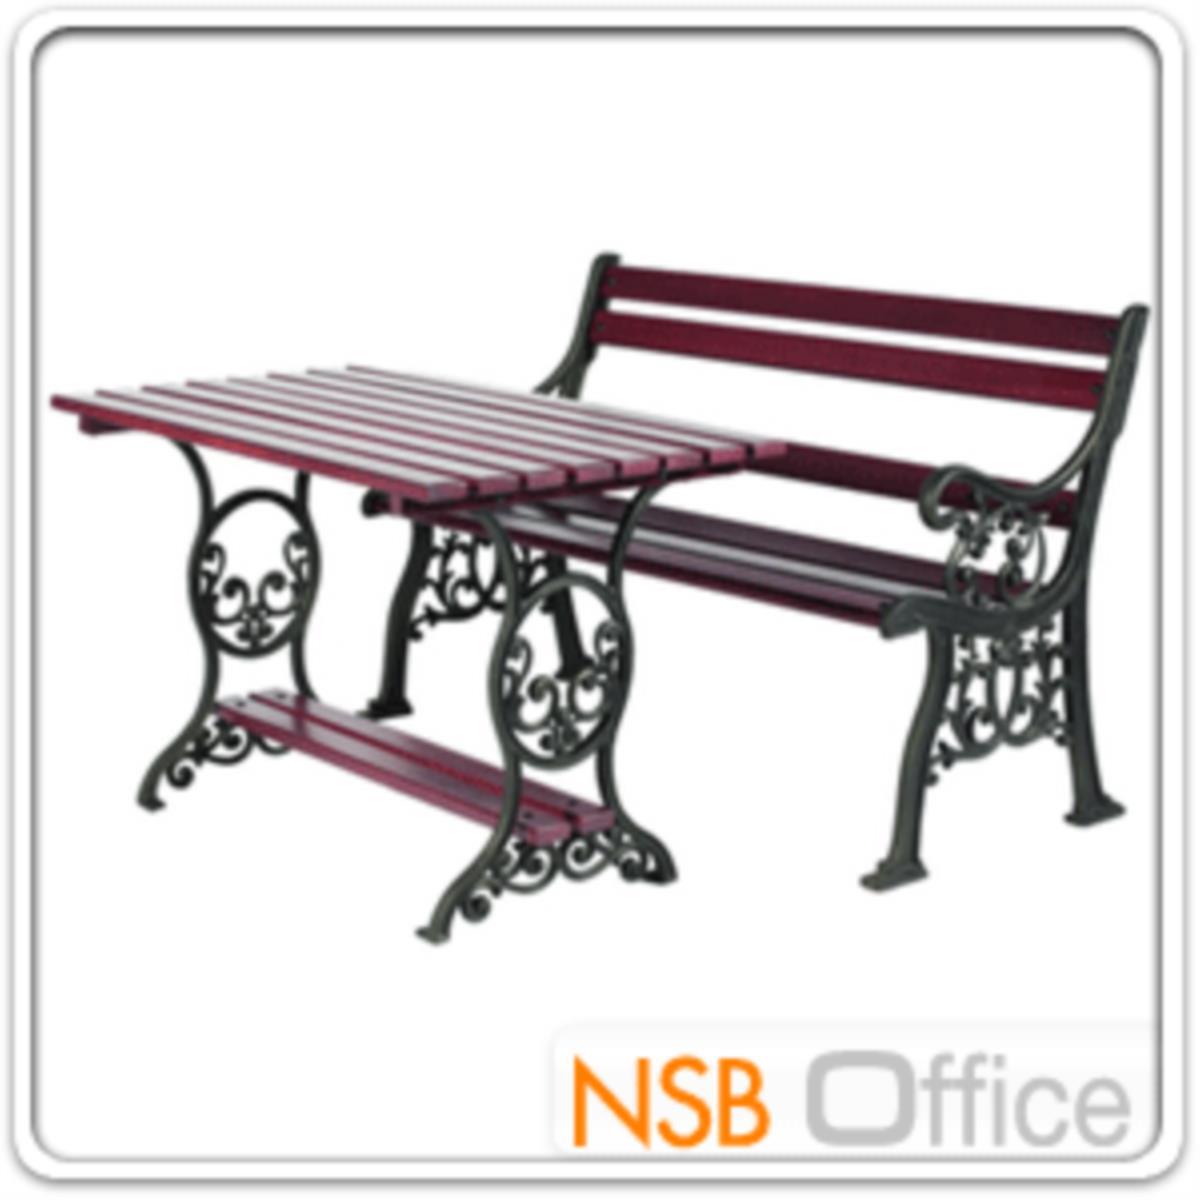 ชุดโต๊ะสนาม พร้อมเก้าอี้ กทม. BKK-COT31 (โต๊ะ 1 + เก้าอี้ 2)